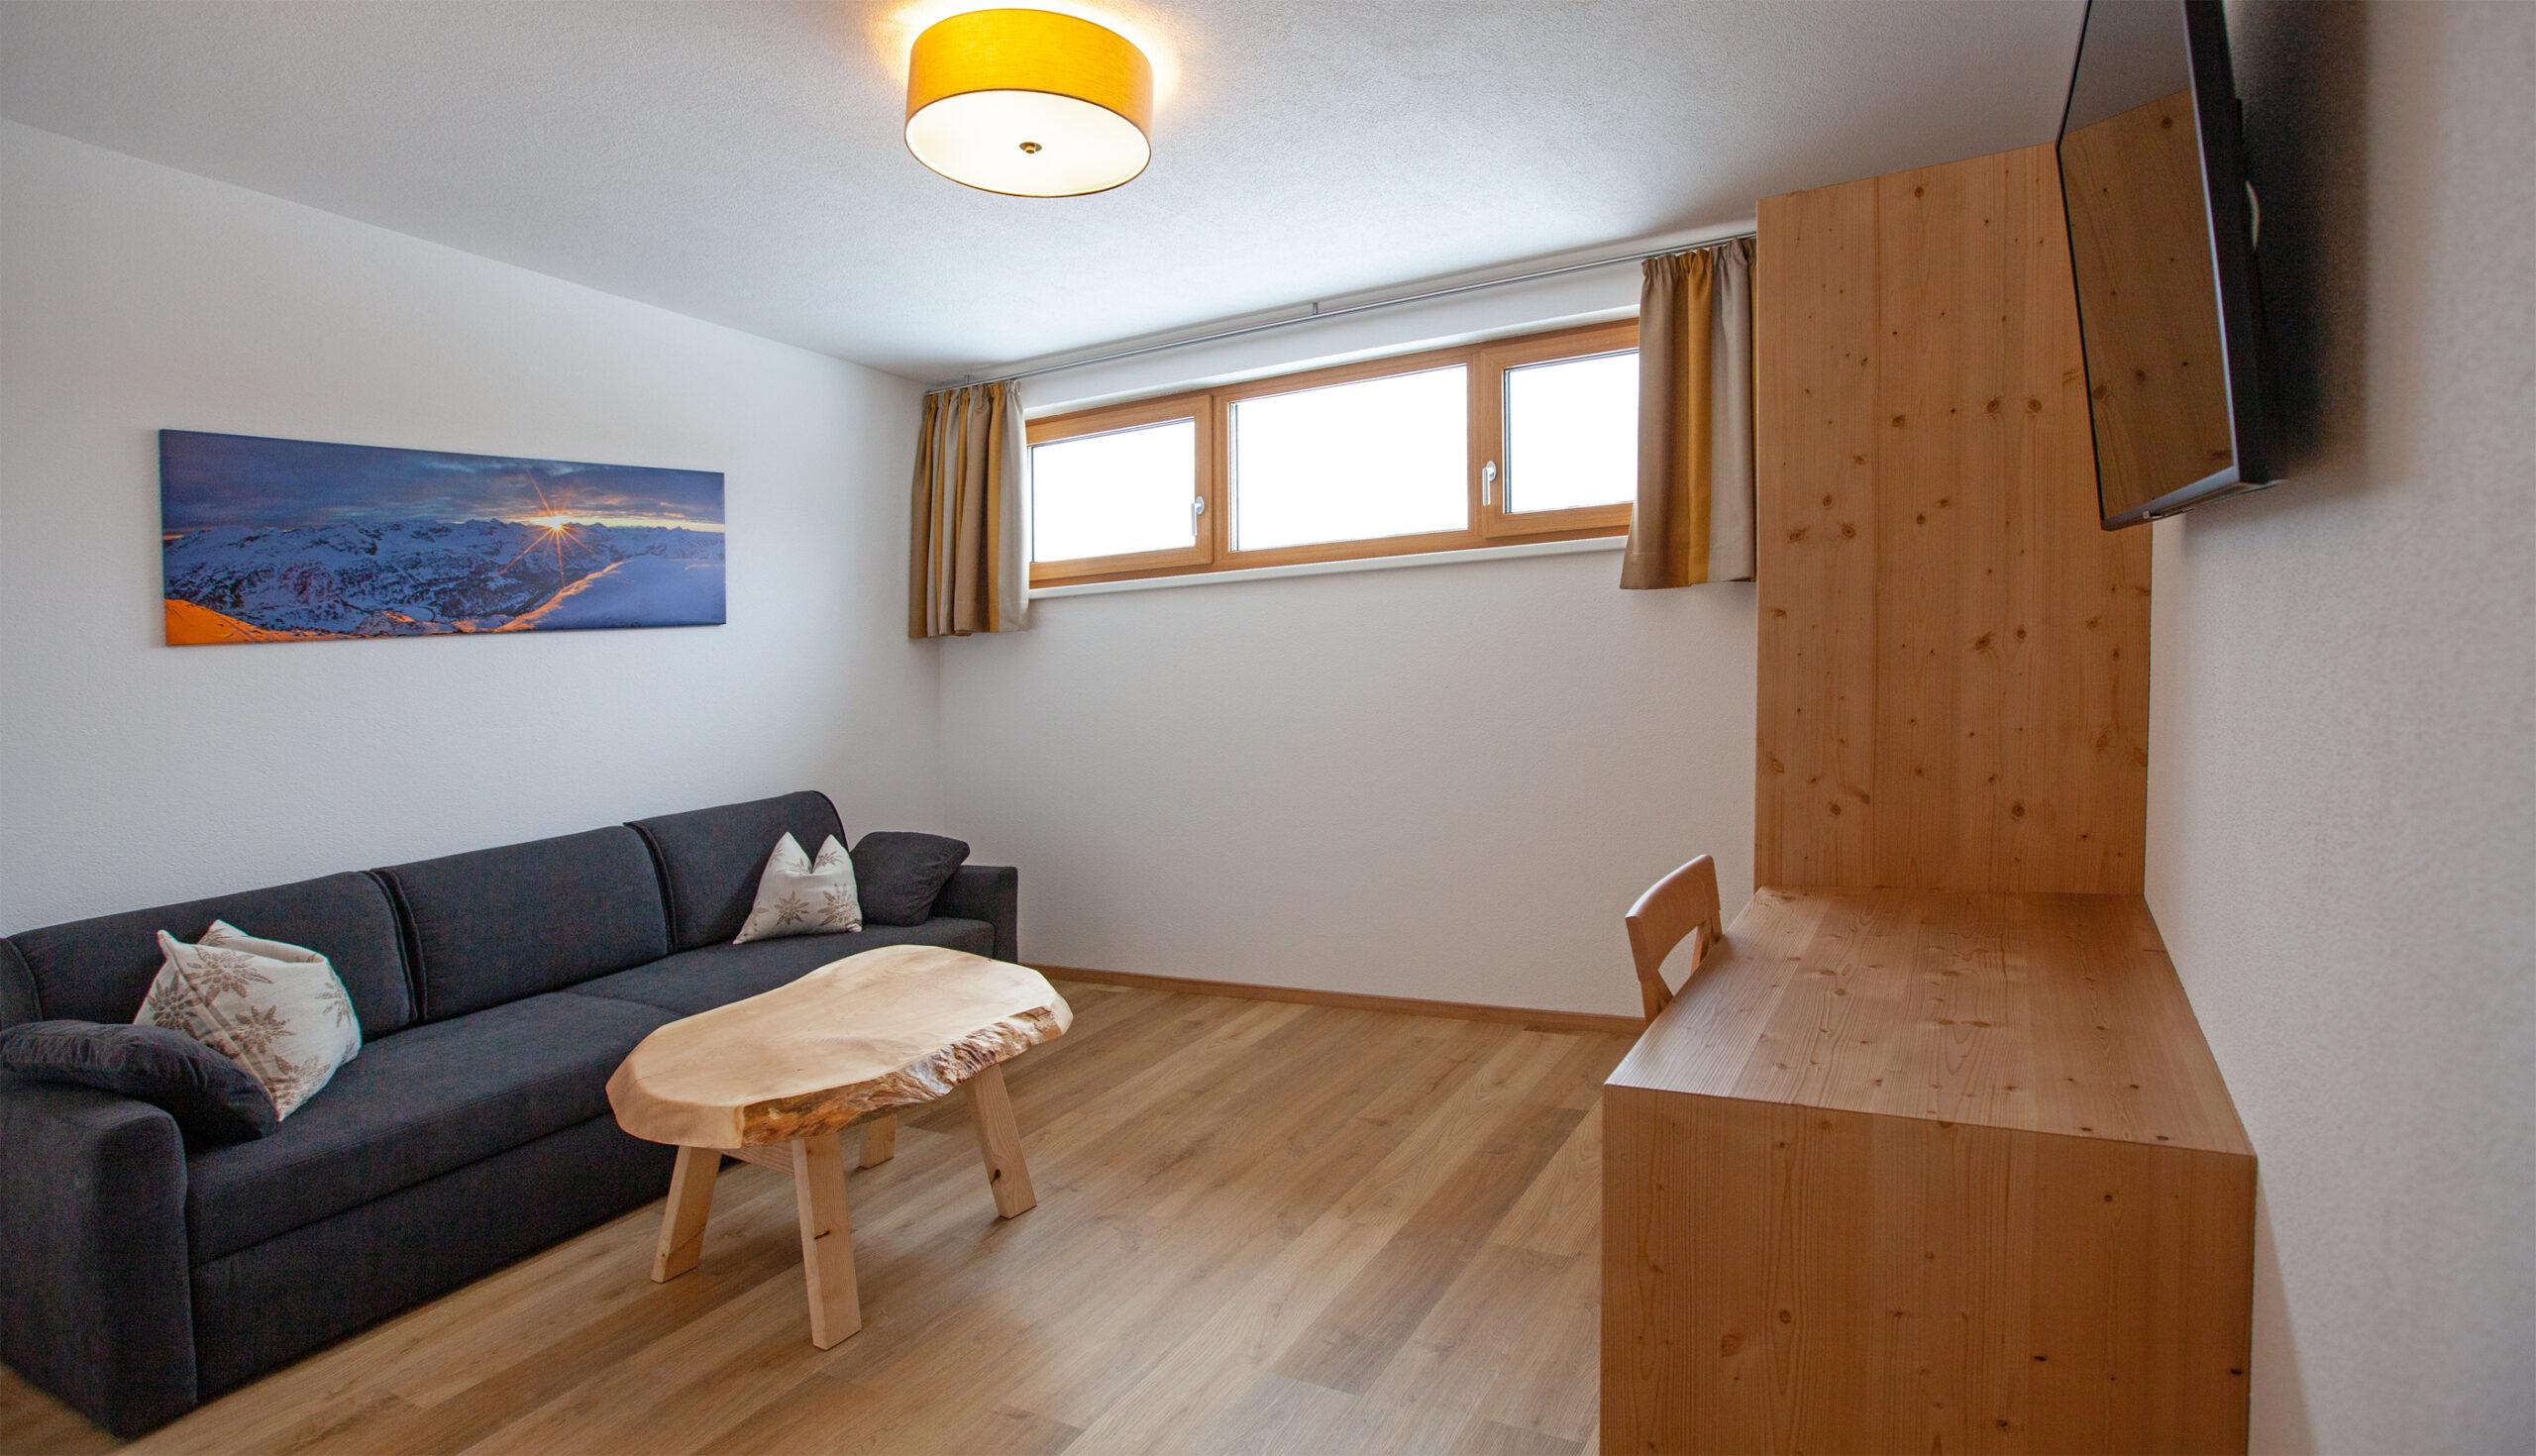 Wohnzimmer im Apartment Hochbifang